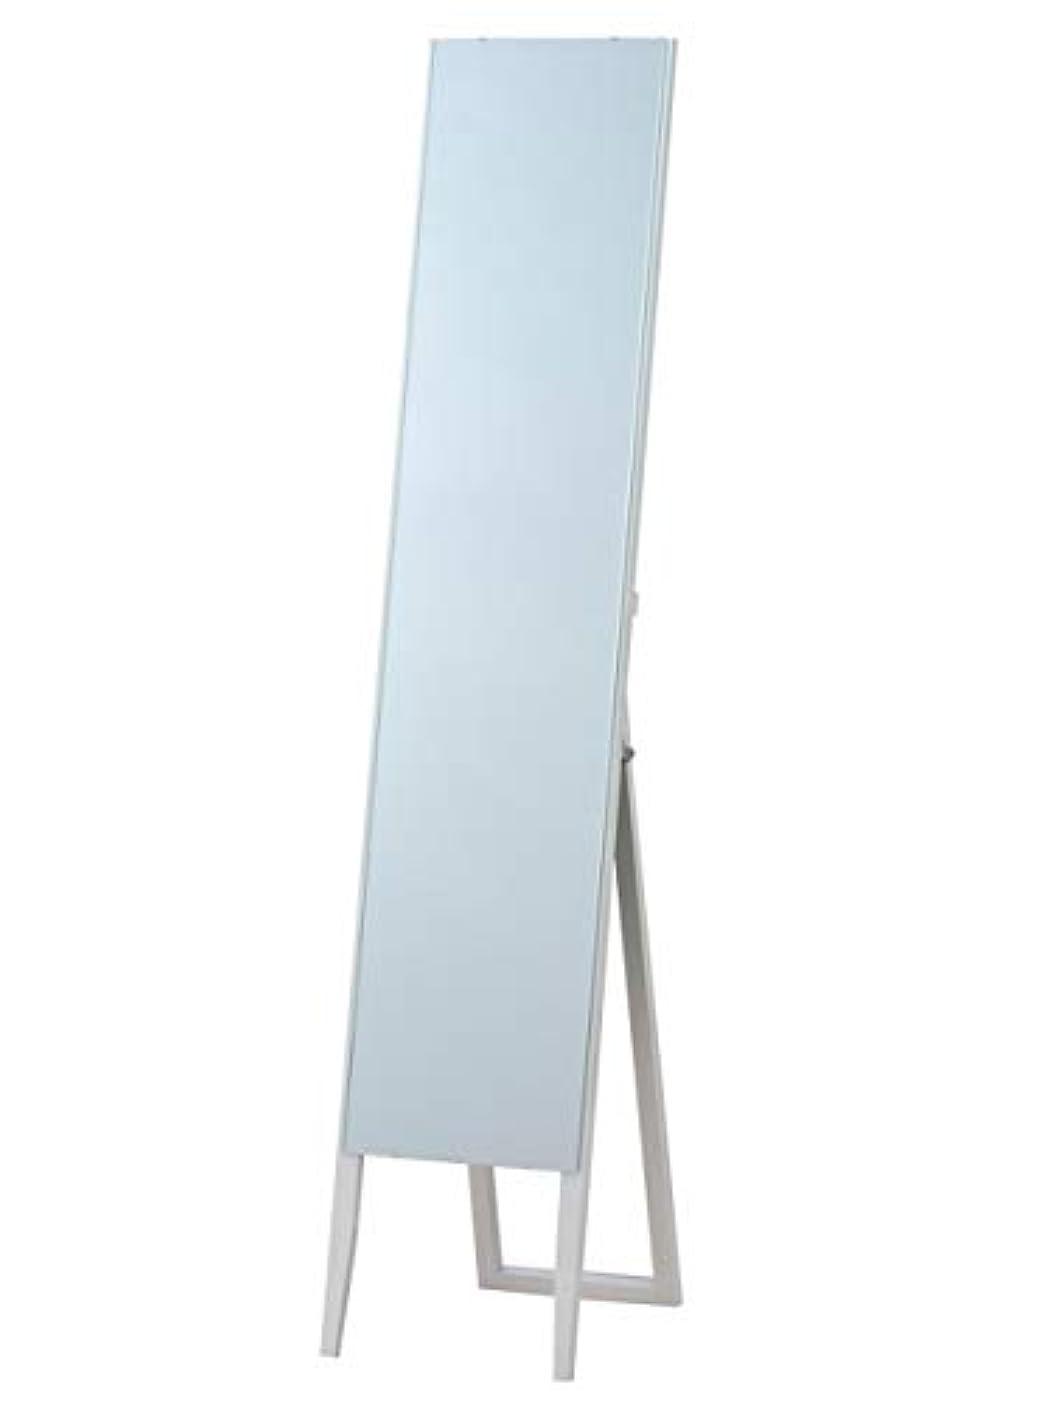 枠なし ノンフレーム スタンドミラー ホワイト(白) 全身鏡 幅30cm x 高さ150cm 飛散防止 シンプル ミラー ショップ 催事 百貨店 店舗 姿見